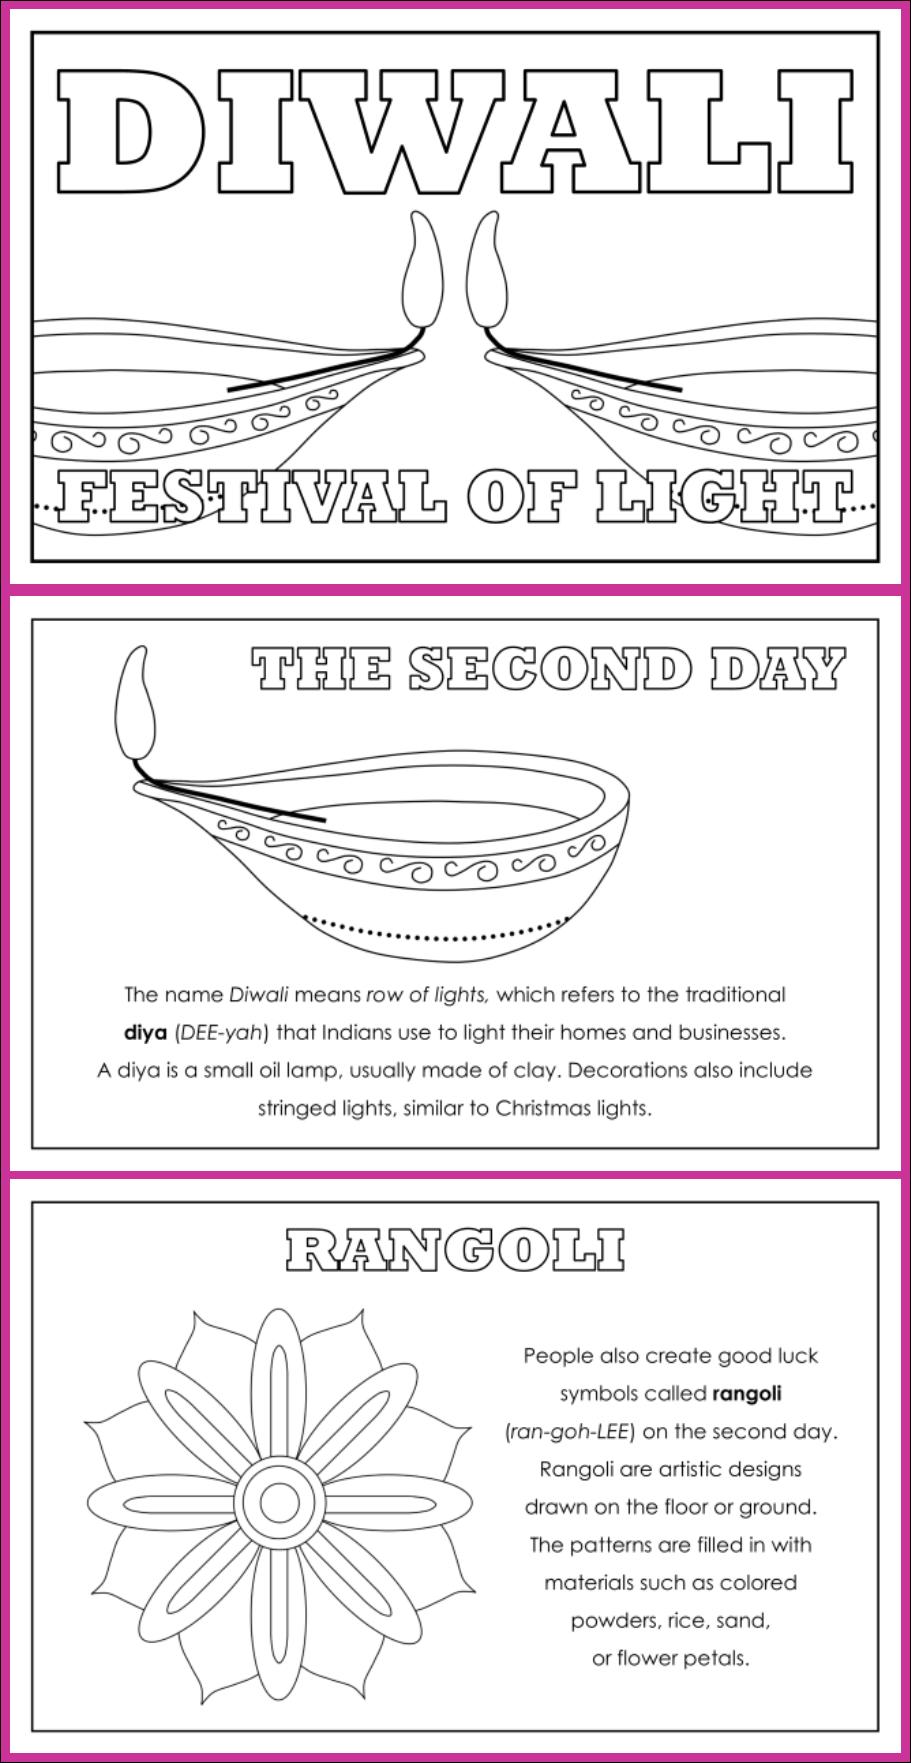 Diwali Festival Of Light Festival Lights Diwali Festival Of Lights Diwali Festival [ 1763 x 911 Pixel ]